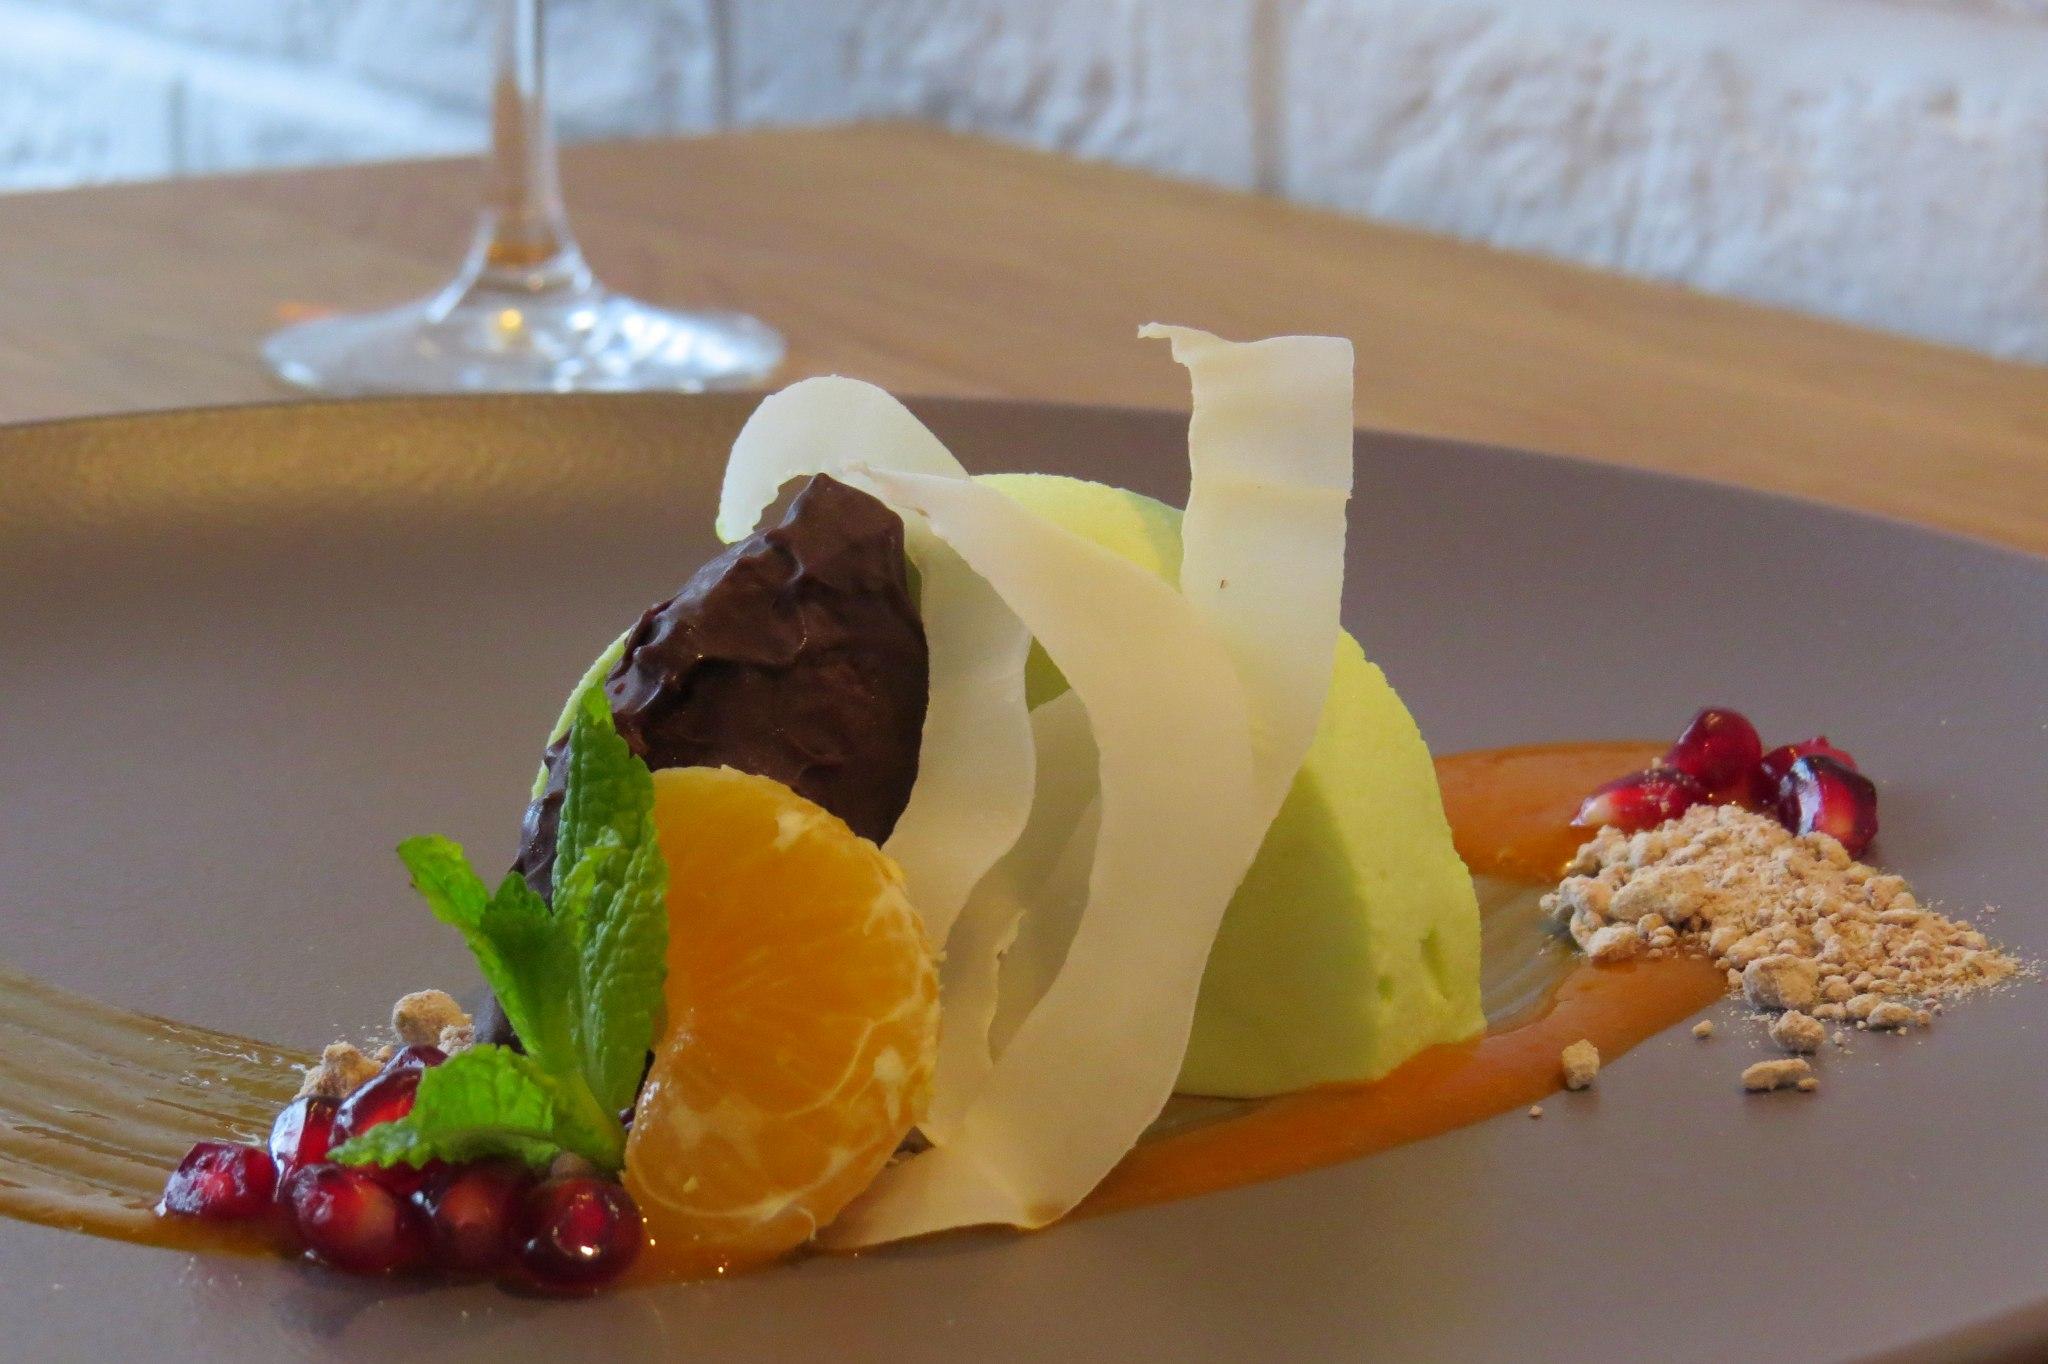 Parfait pistacjowe-gorzka czekolada-kokos-sos z rokitnika